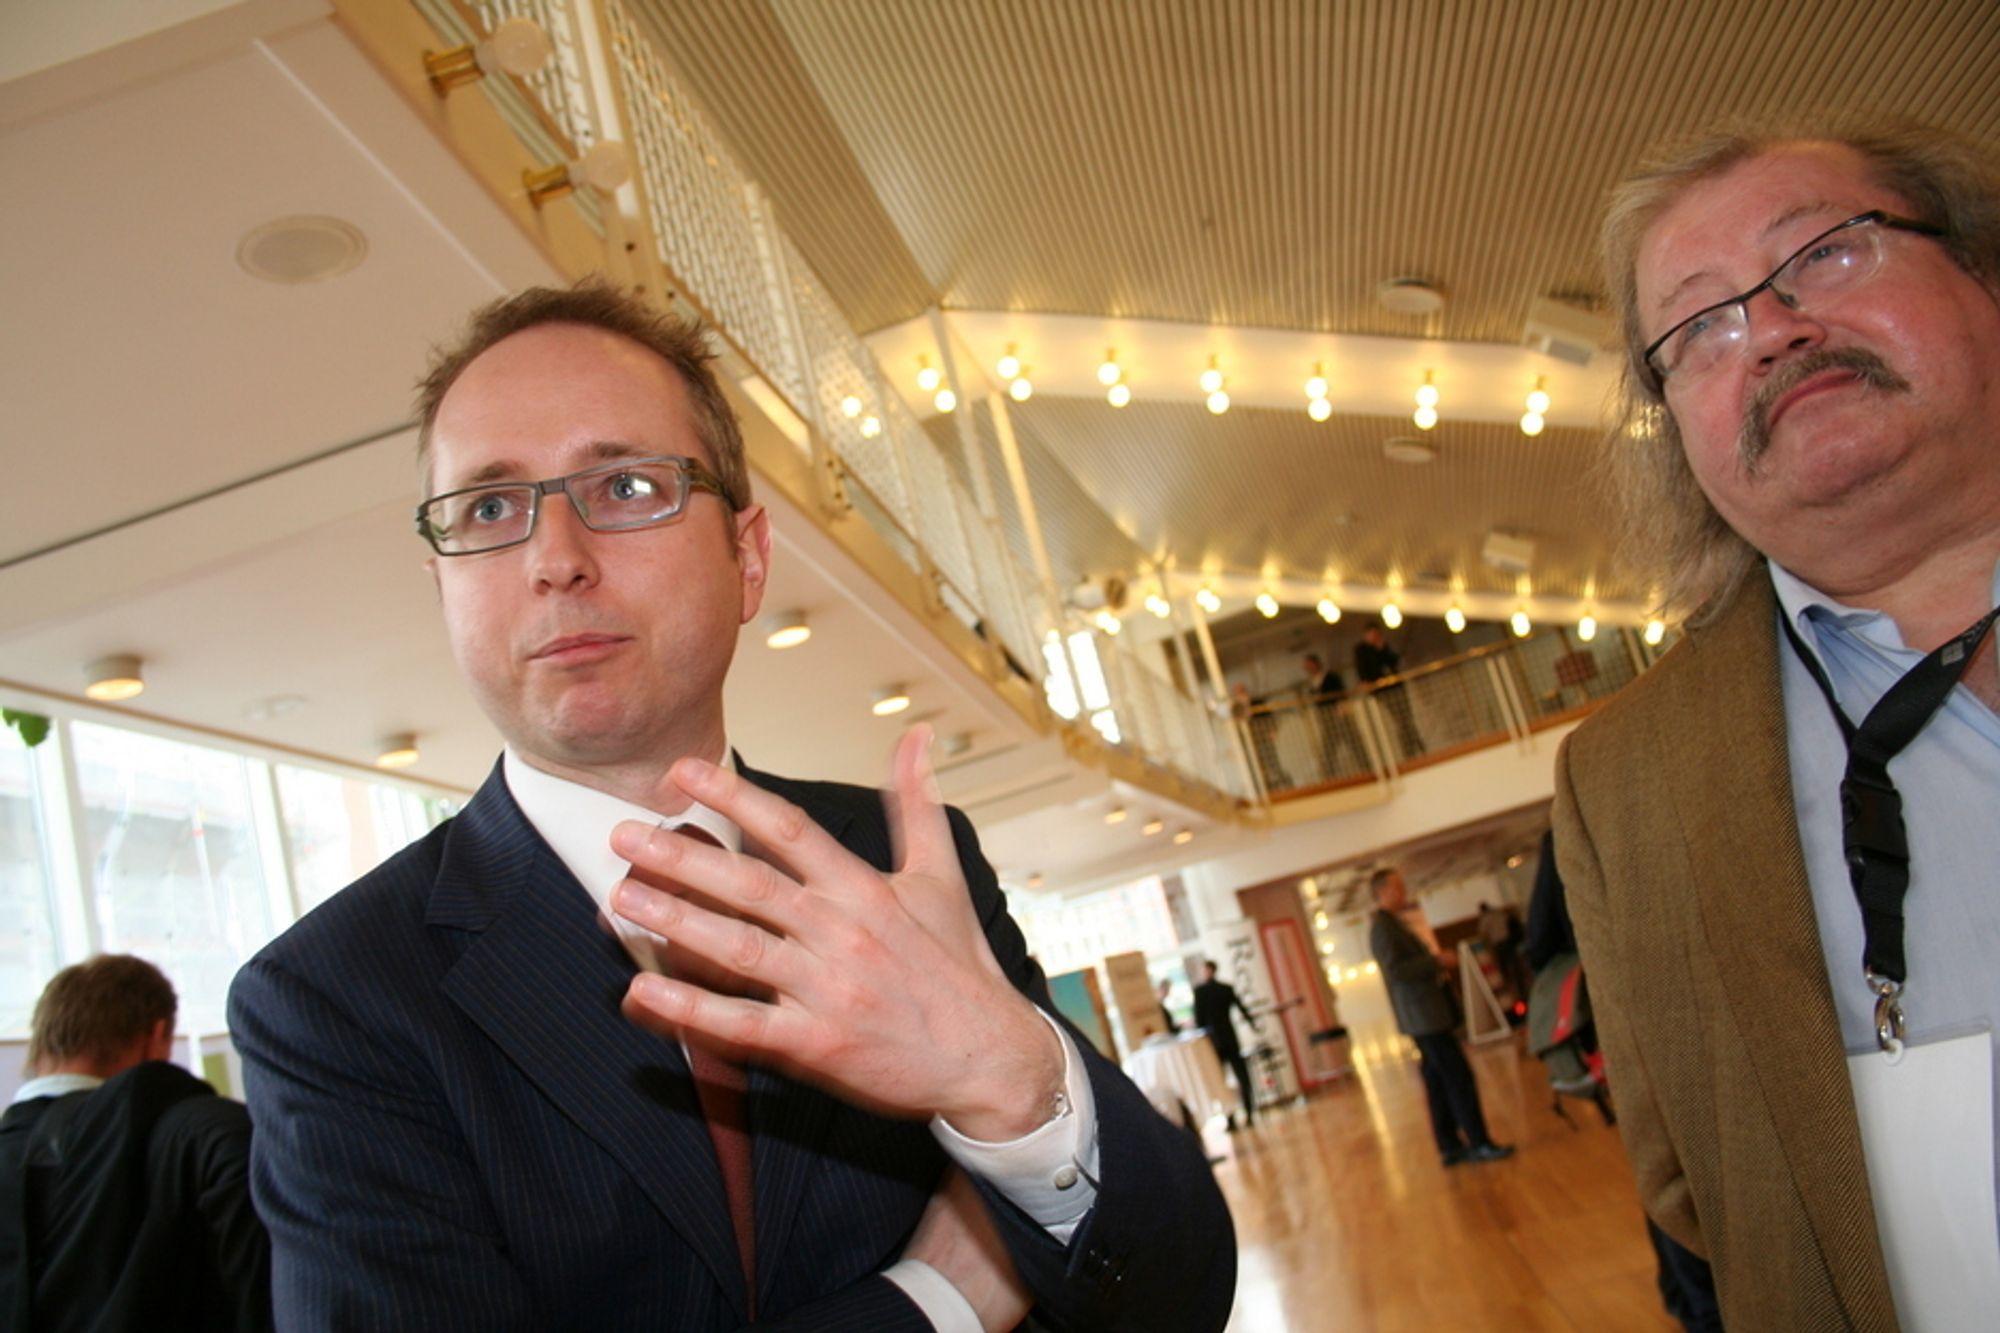 Tidkrevende. Kunnskapsminister Bård Vegar Solhjell (t.v.) og professor Jon Bing ved Senter for rettsinformatikk sier begge at det vil ta lang tid før fri programvare har etablert seg i allmenn bruk.